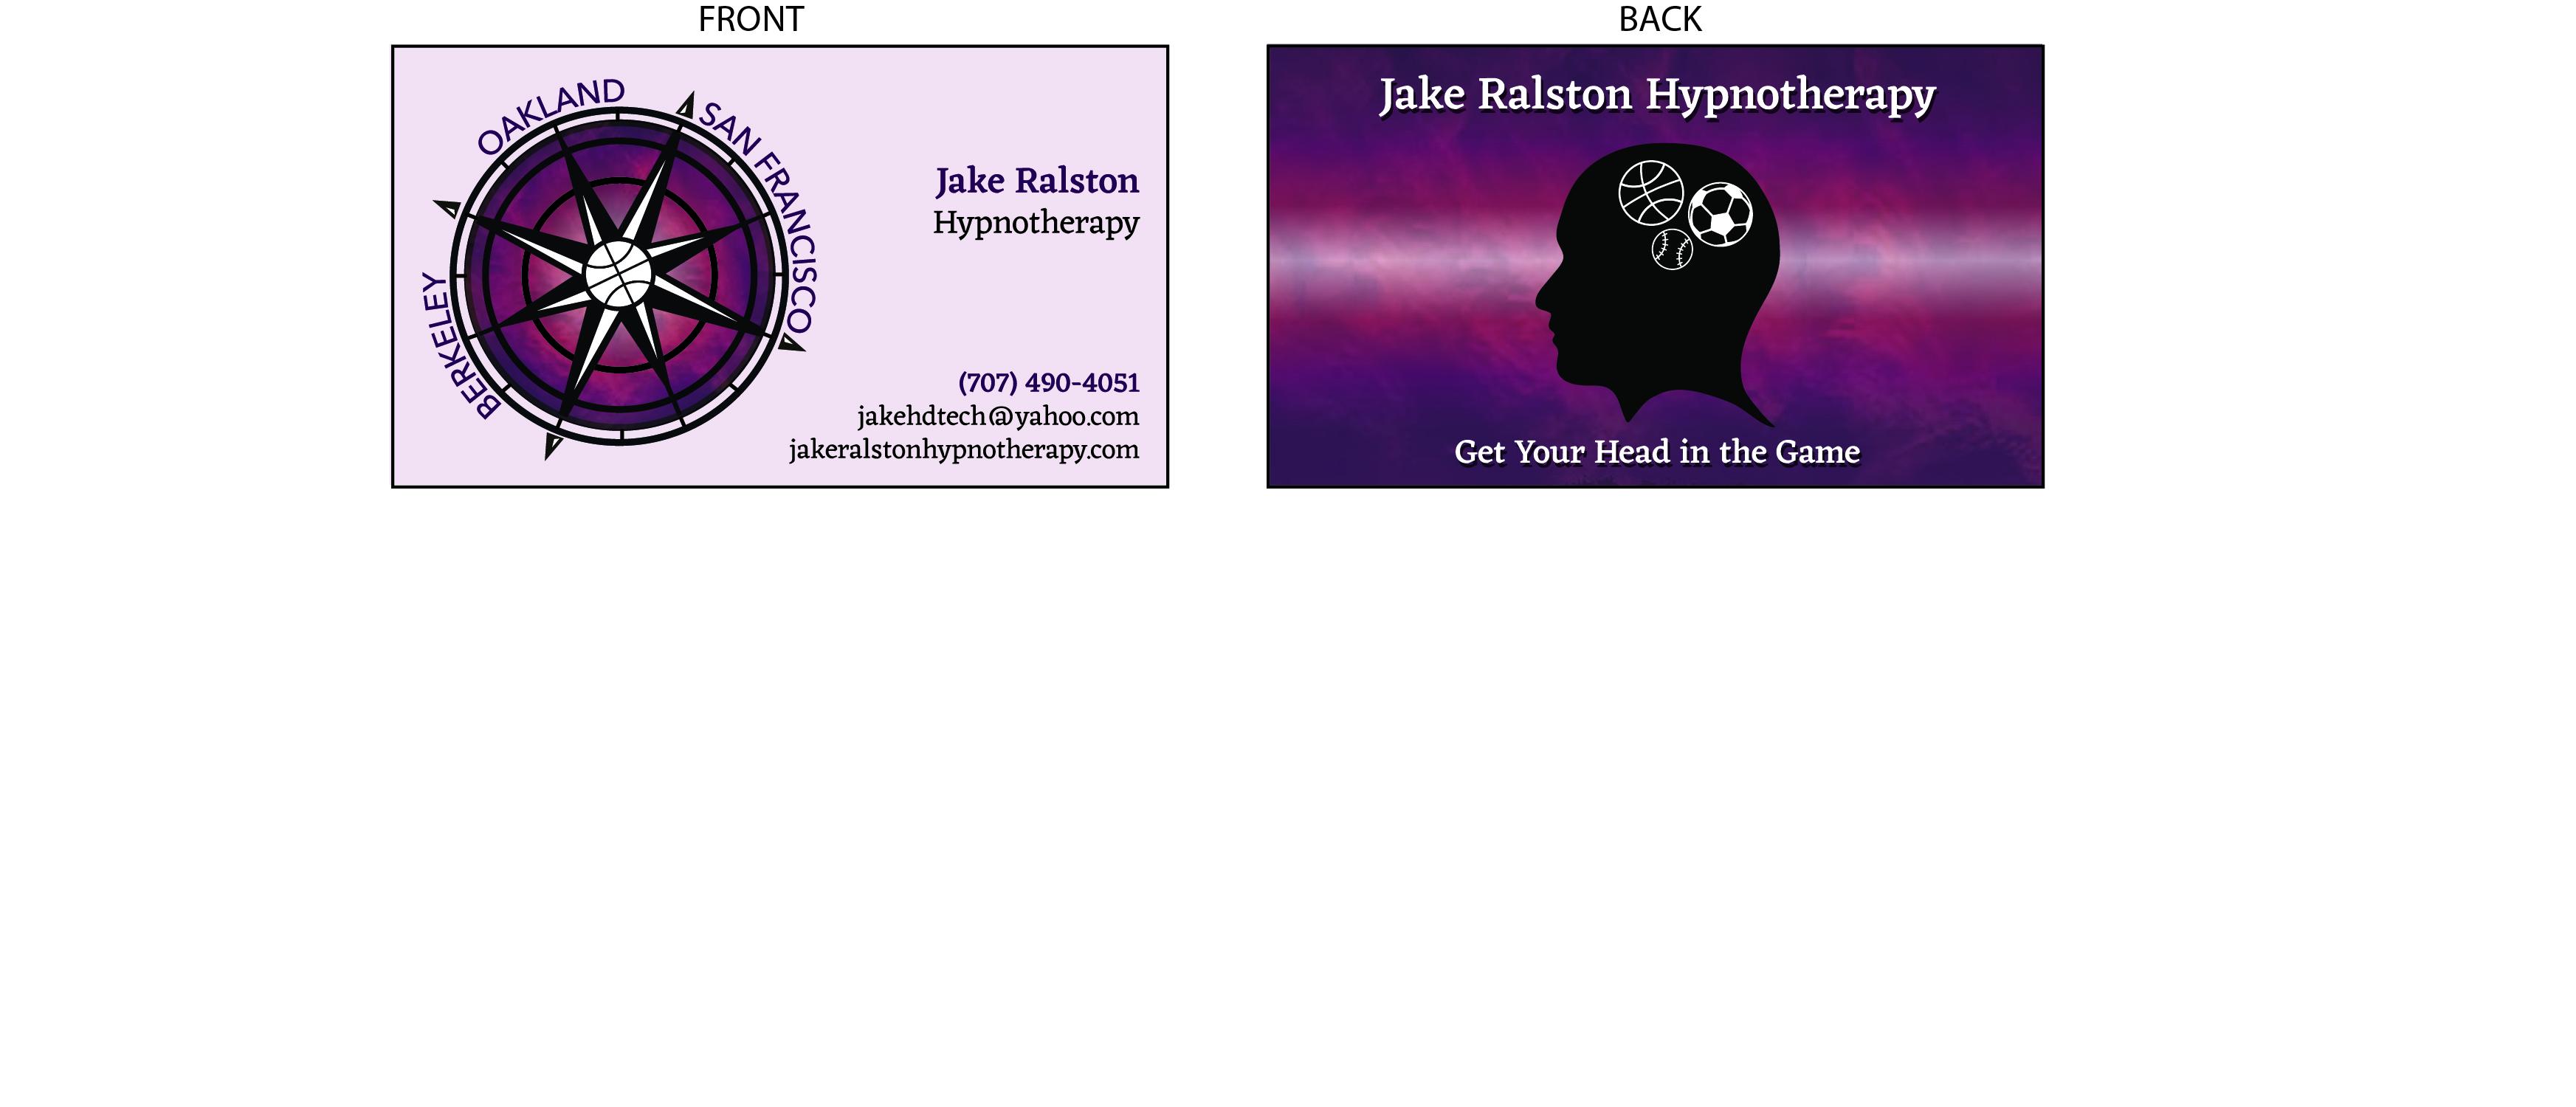 Jake Ralston